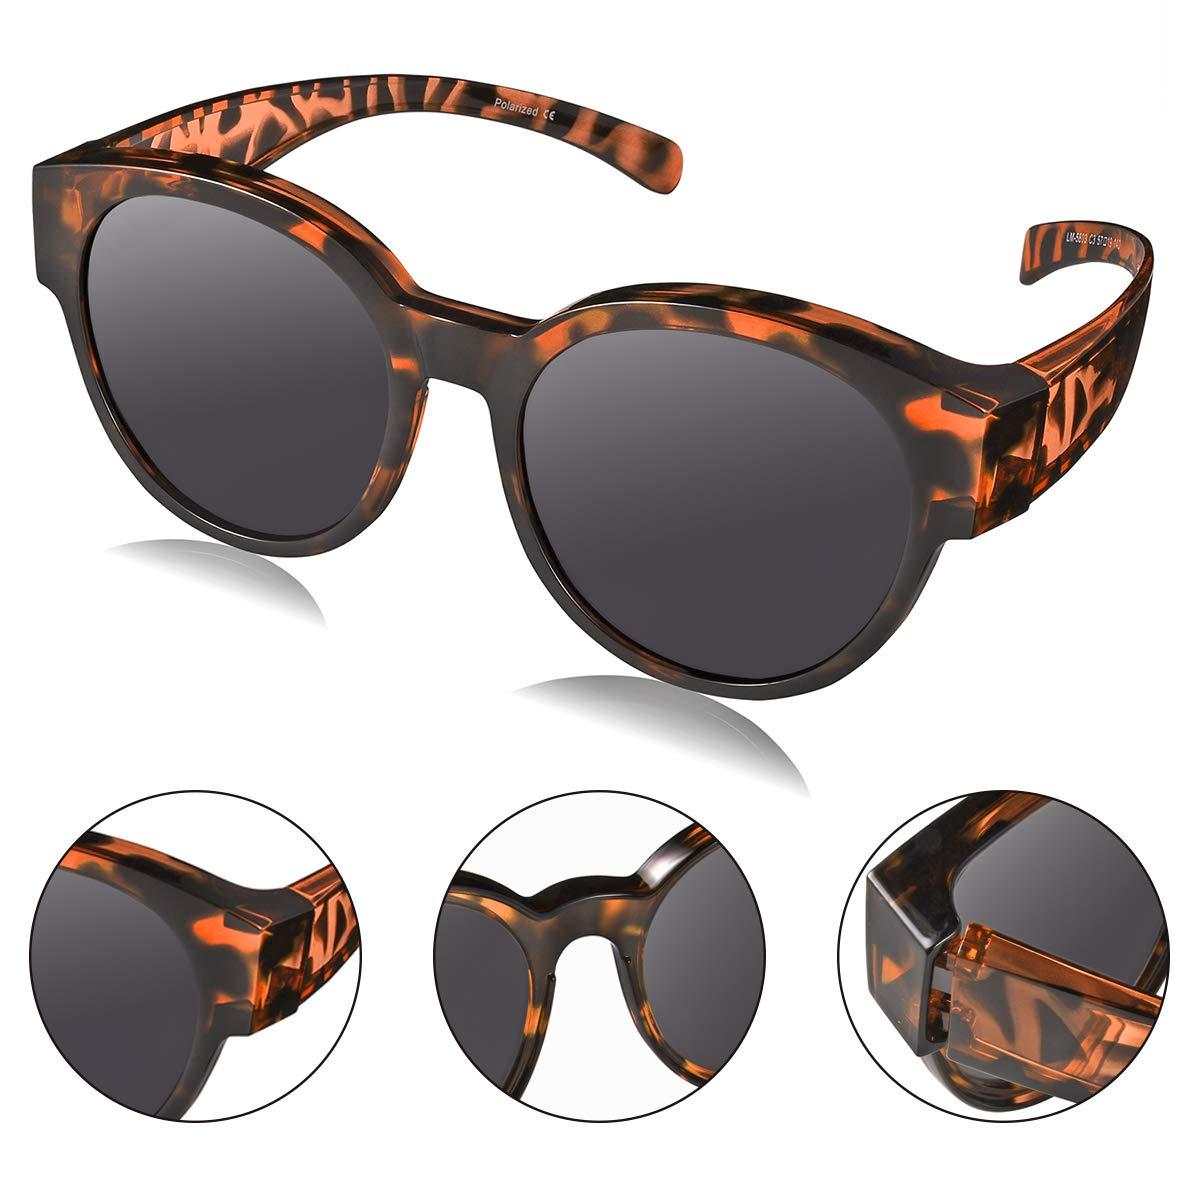 Amazon.com: BrGuras - Gafas de sol polarizadas de gran ...